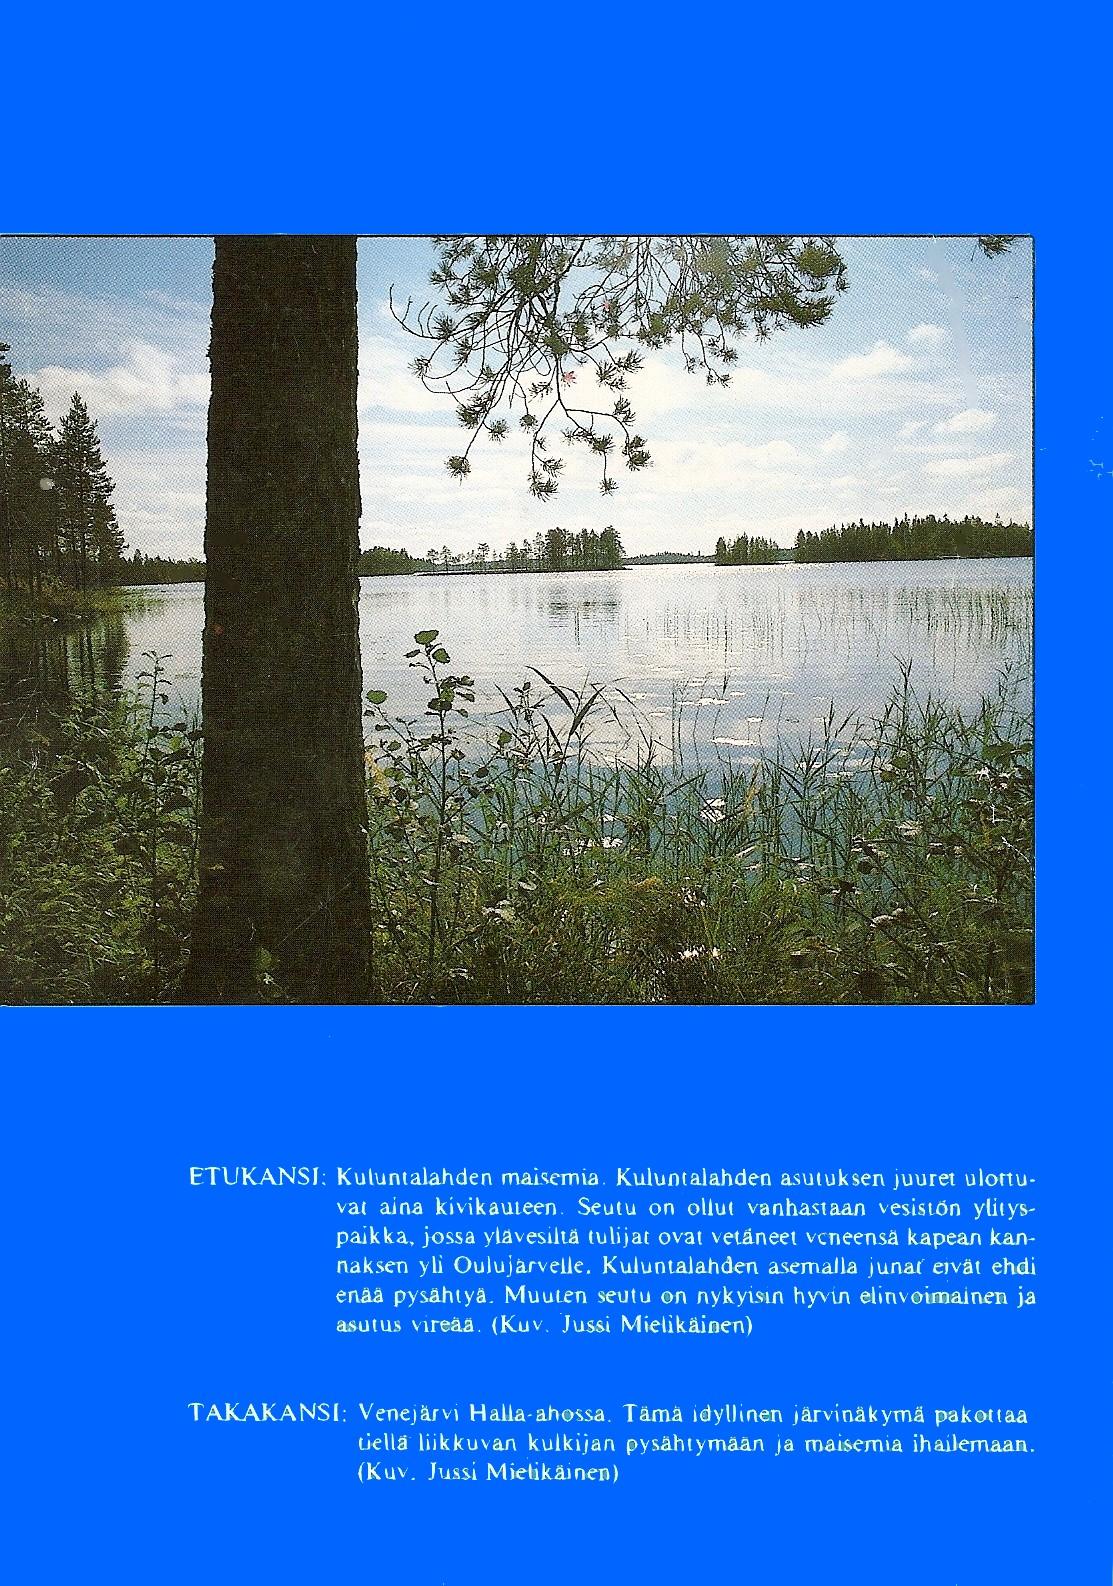 Kajaanin maalaiskunnan historia 1984 takakansi